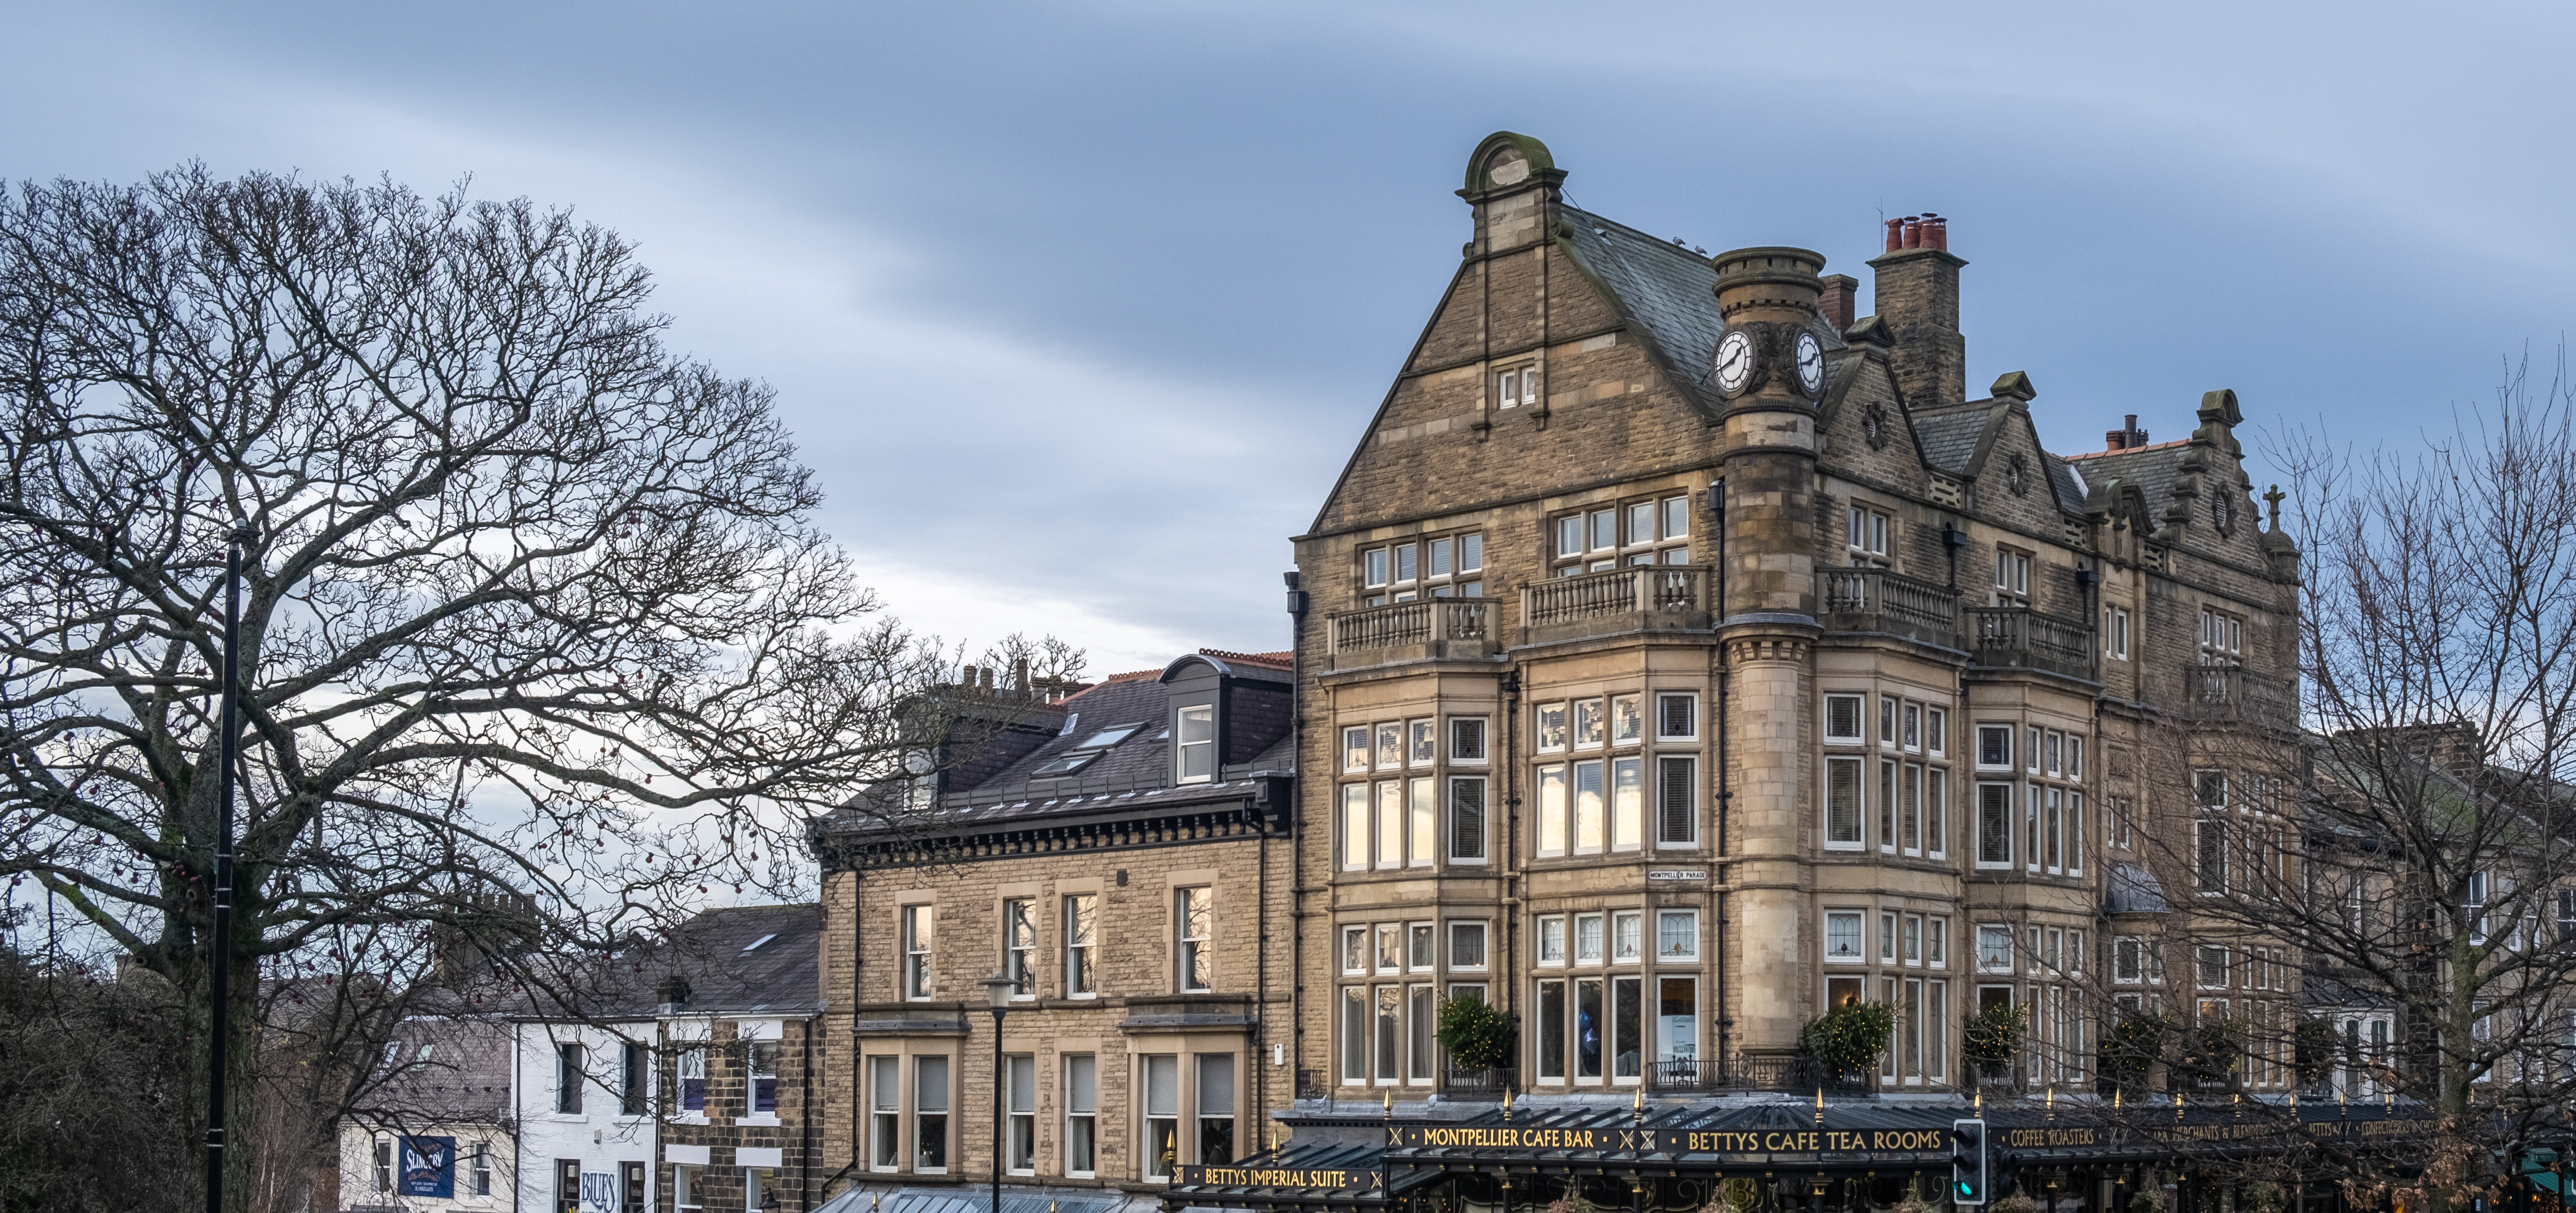 Winter Harrogate buildings 80 Bettys